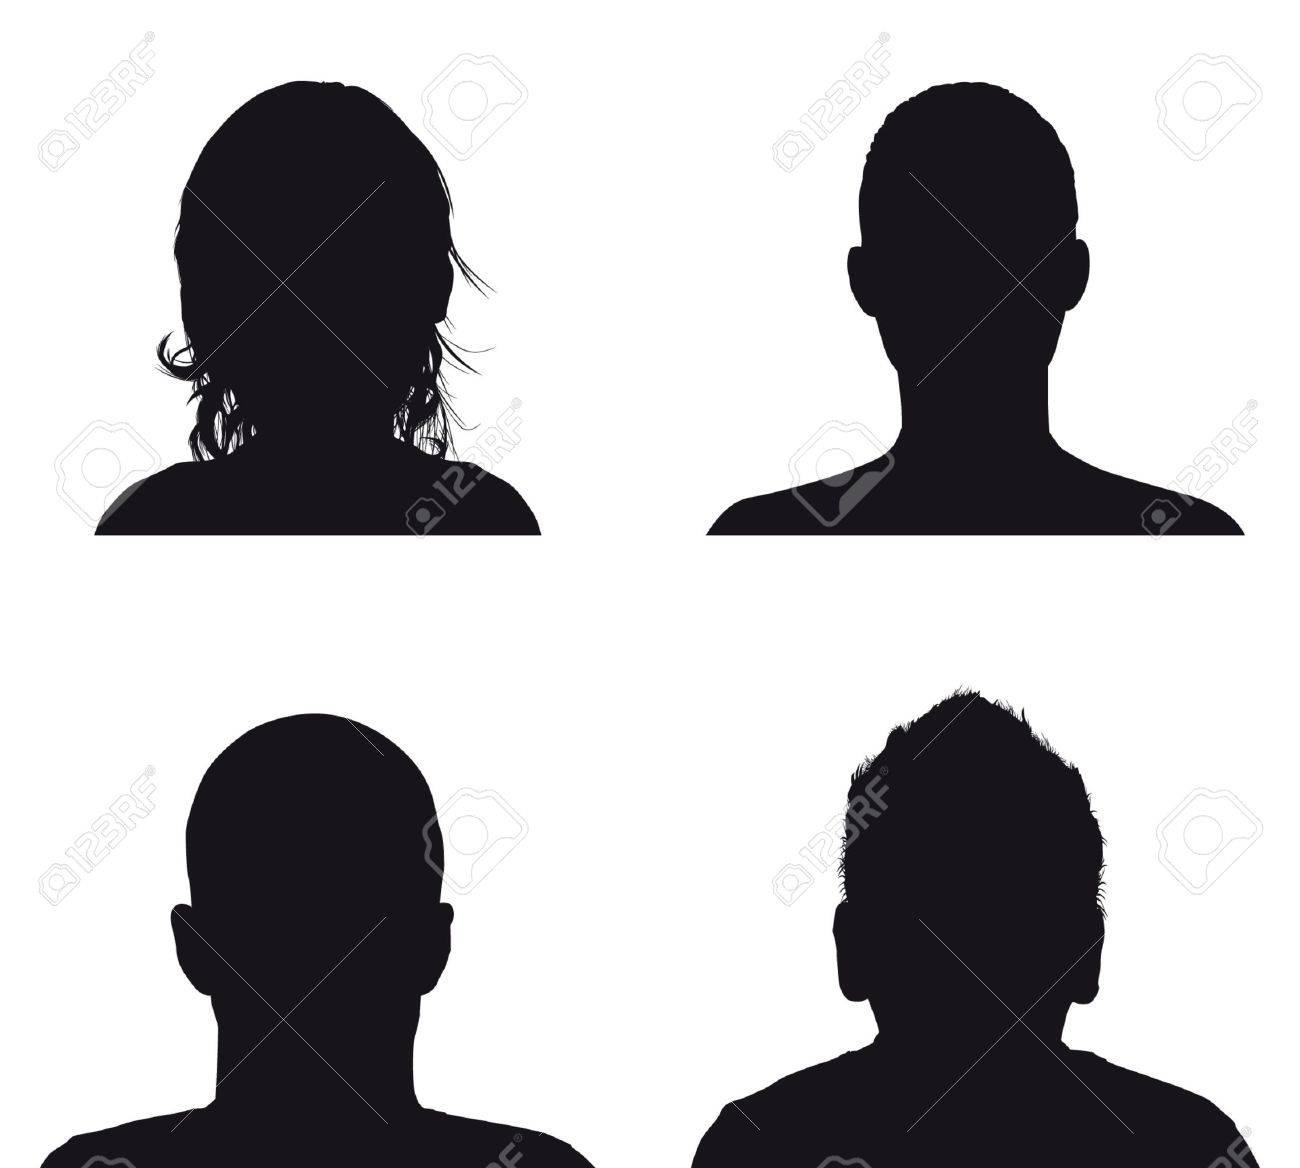 people profile silhoue...